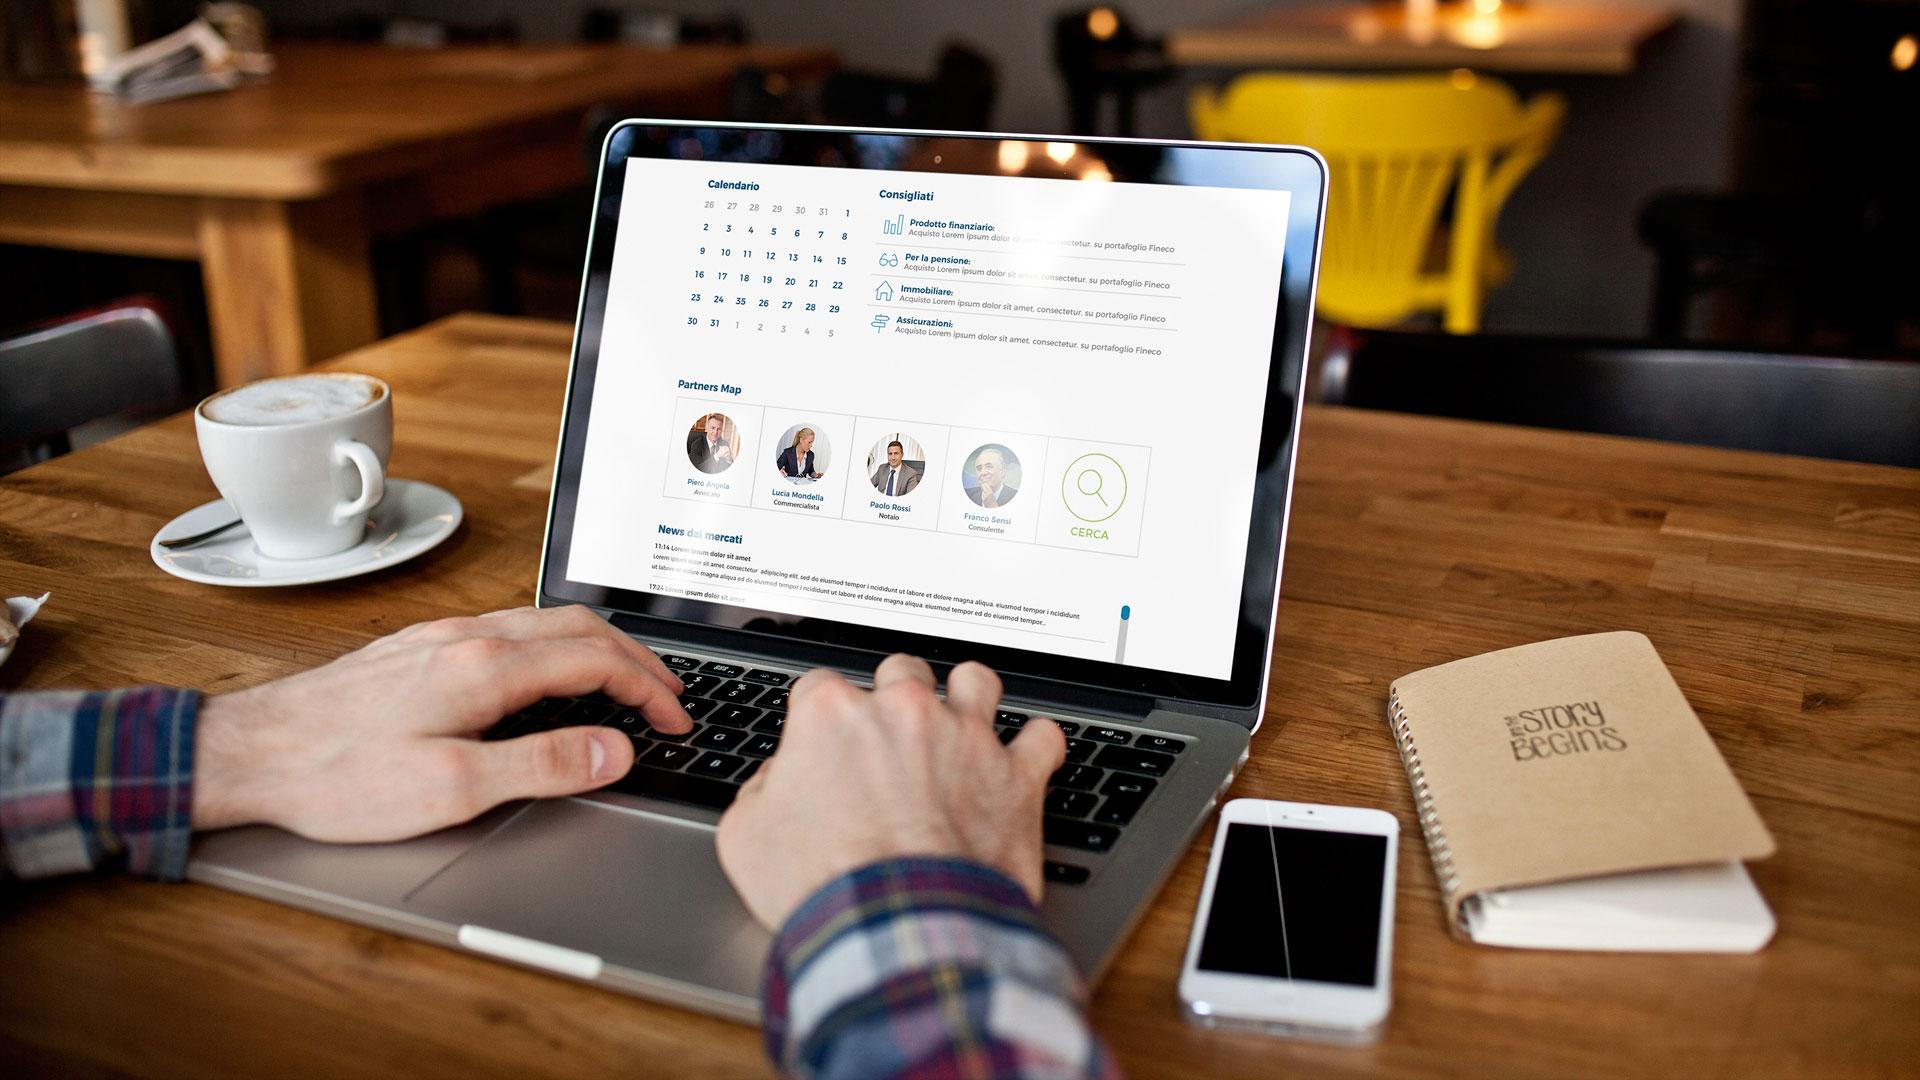 Piattaforma consulenza finanziaria per clienti: informazione completa